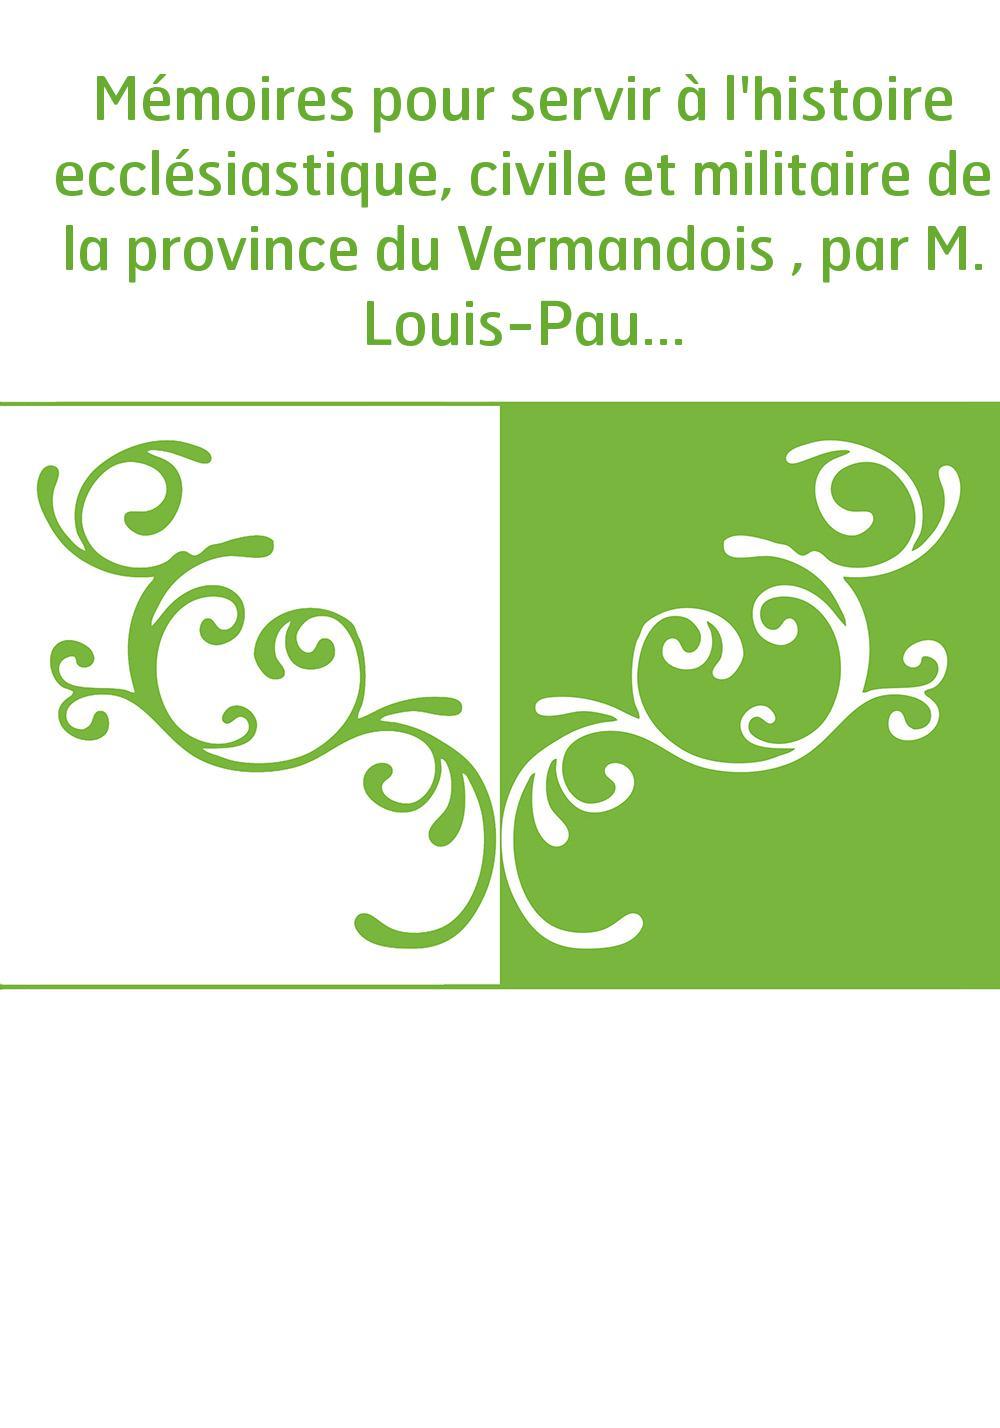 Mémoires pour servir à l'histoire ecclésiastique, civile et militaire de la province du Vermandois , par M. Louis-Paul Colliette